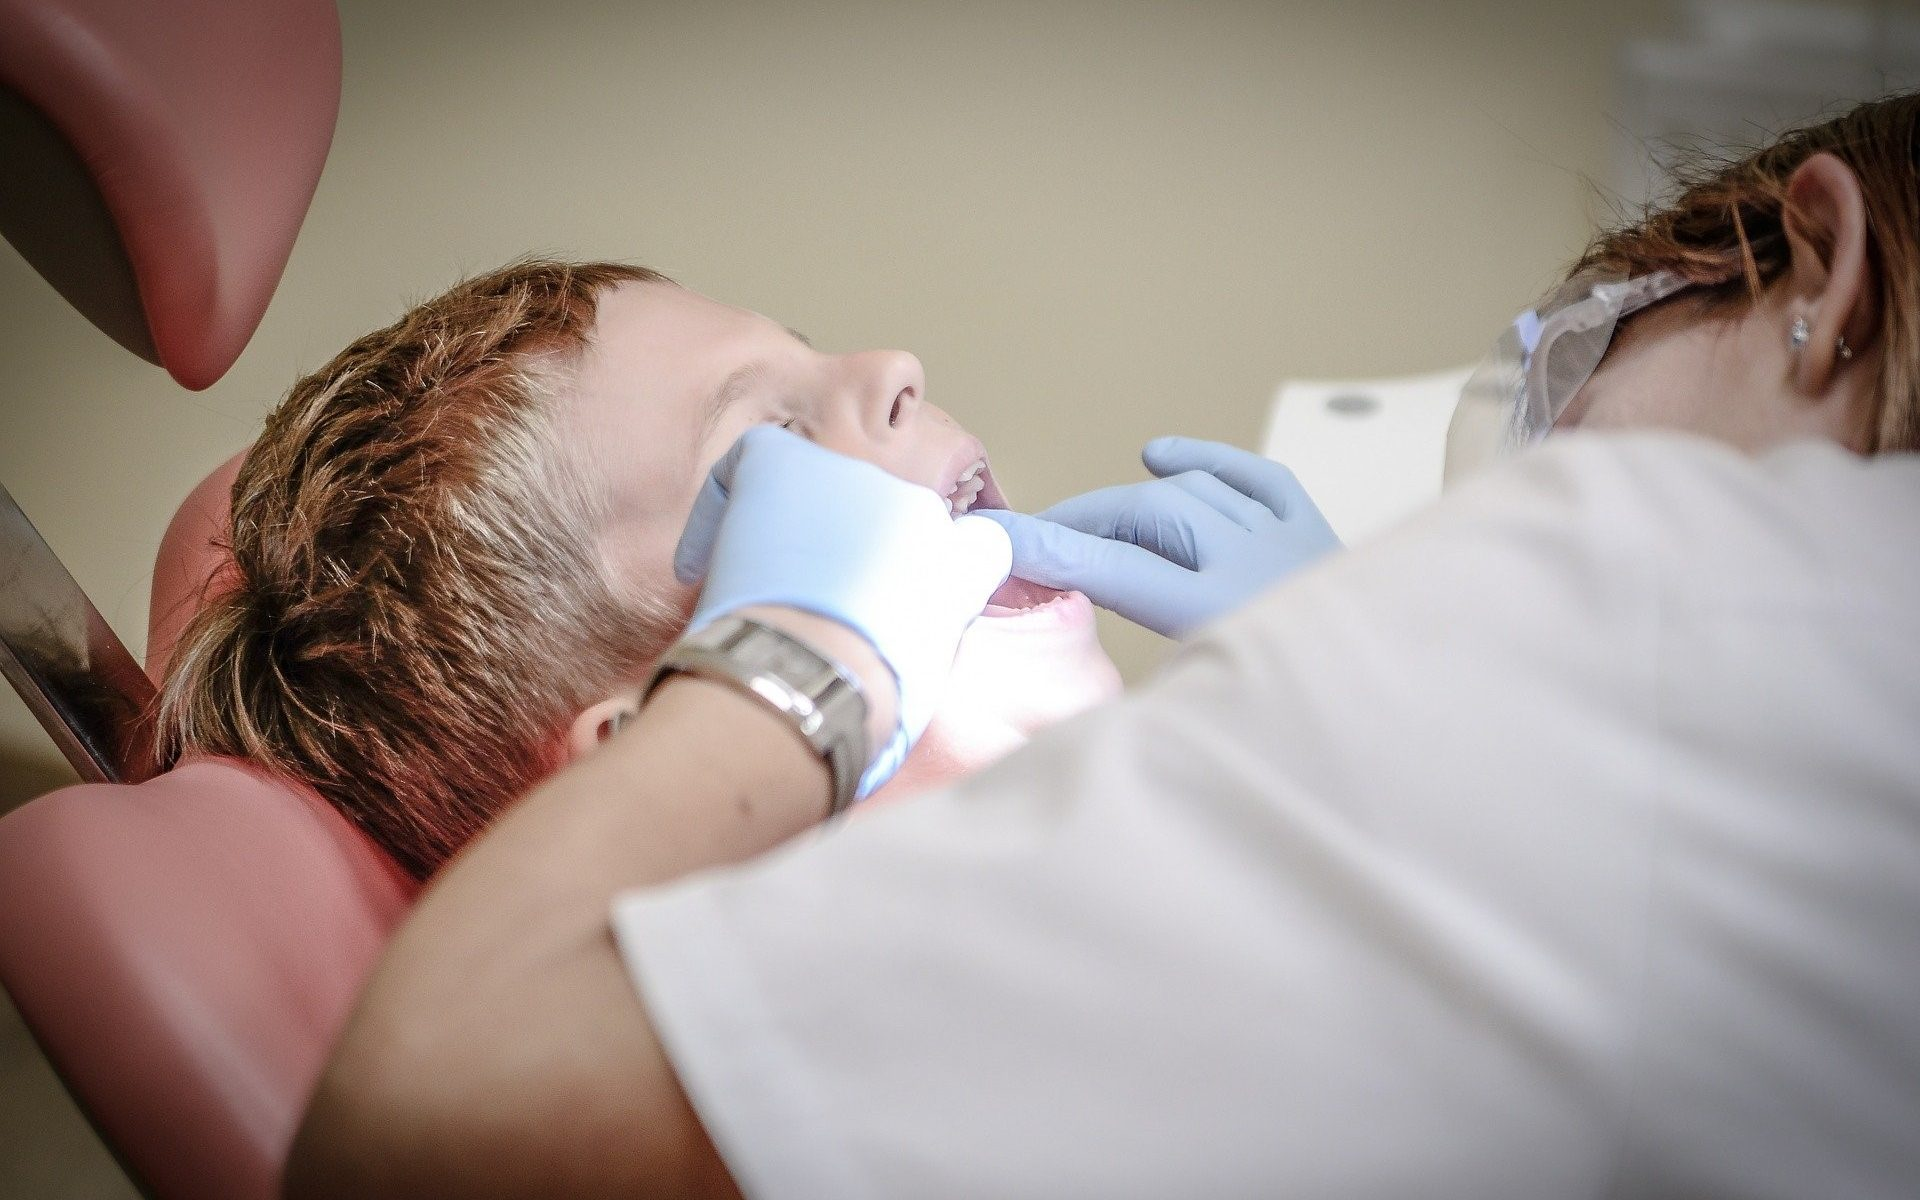 A dentist checking a child's teeth